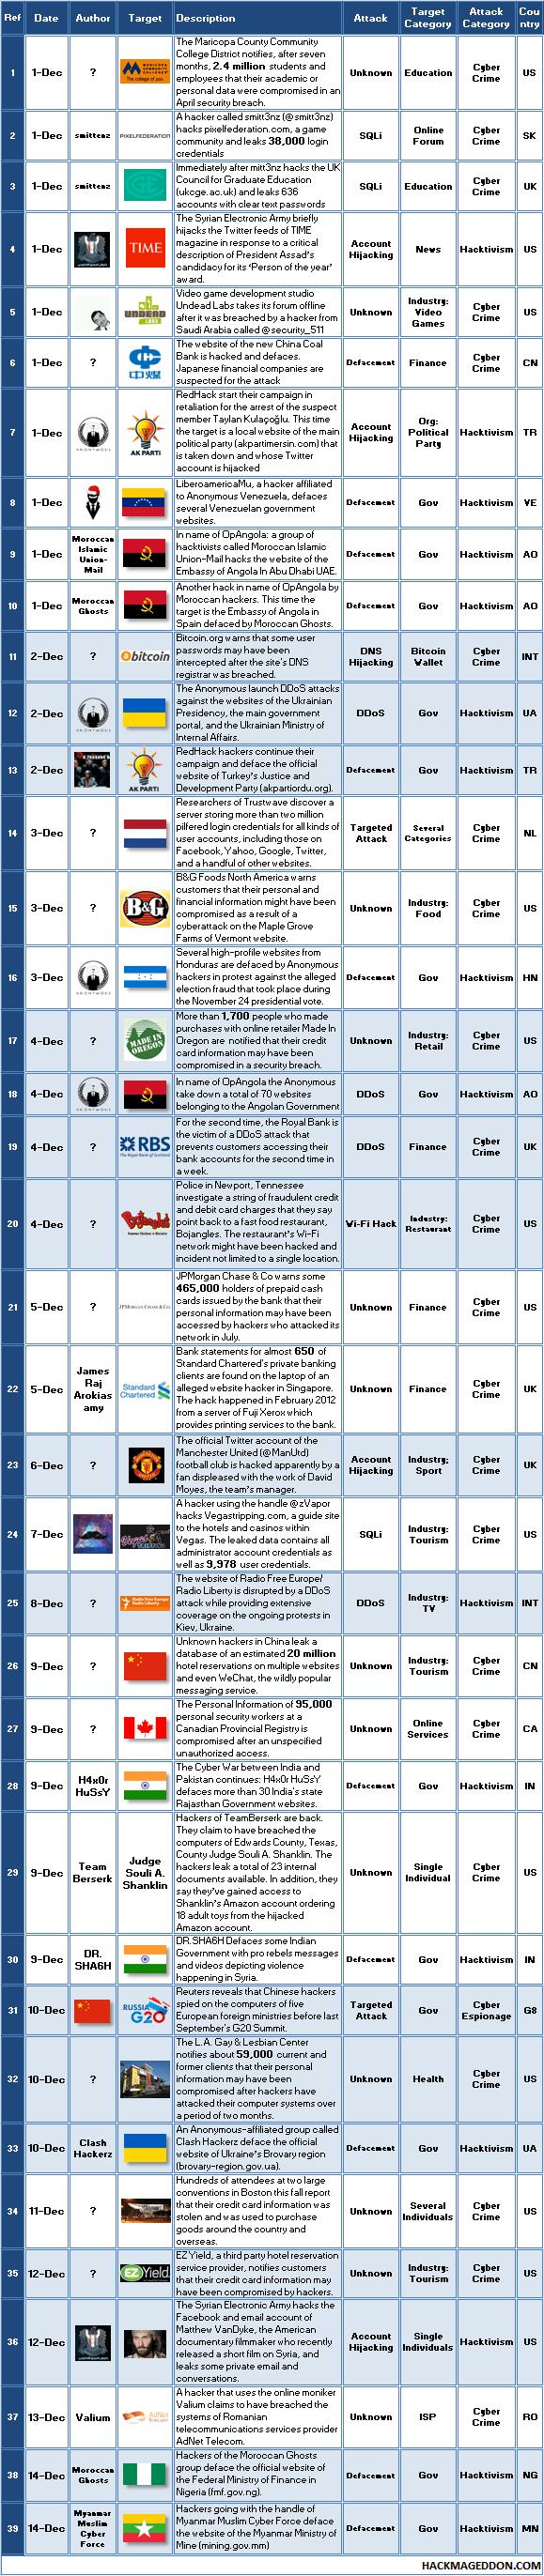 1-15 December 2013 Cyber Attacks Timeline